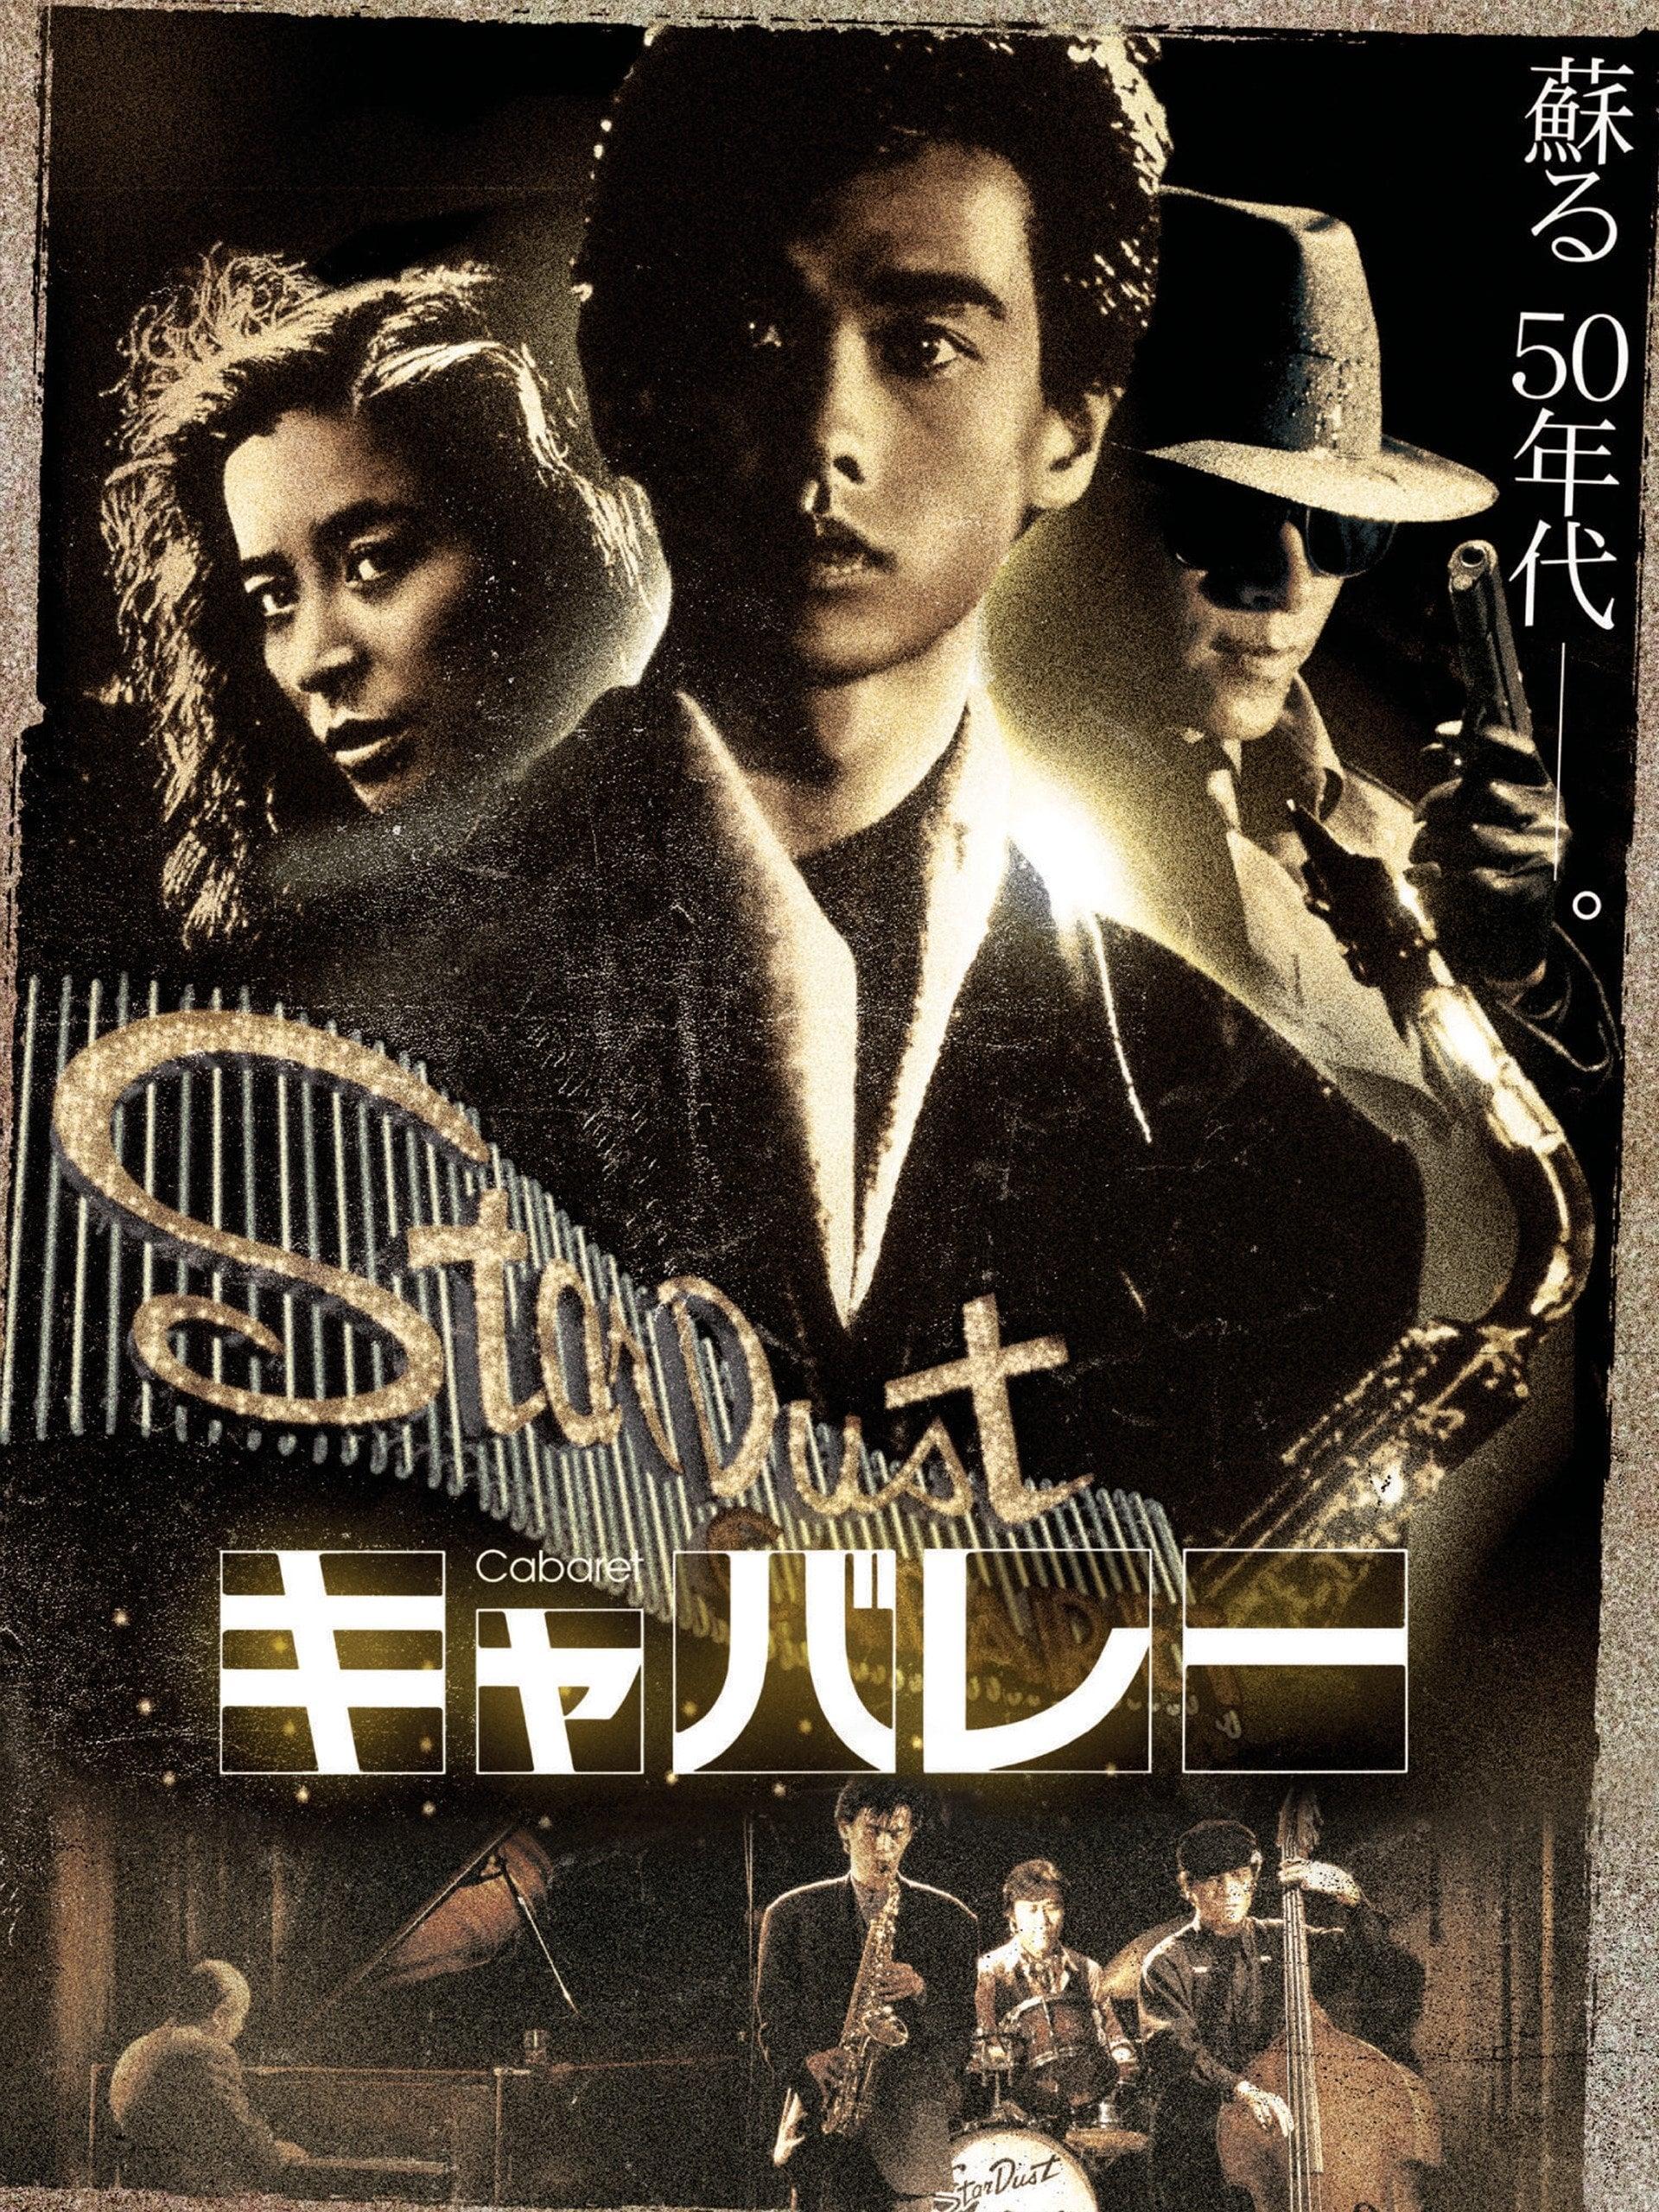 Cabaret (1986)